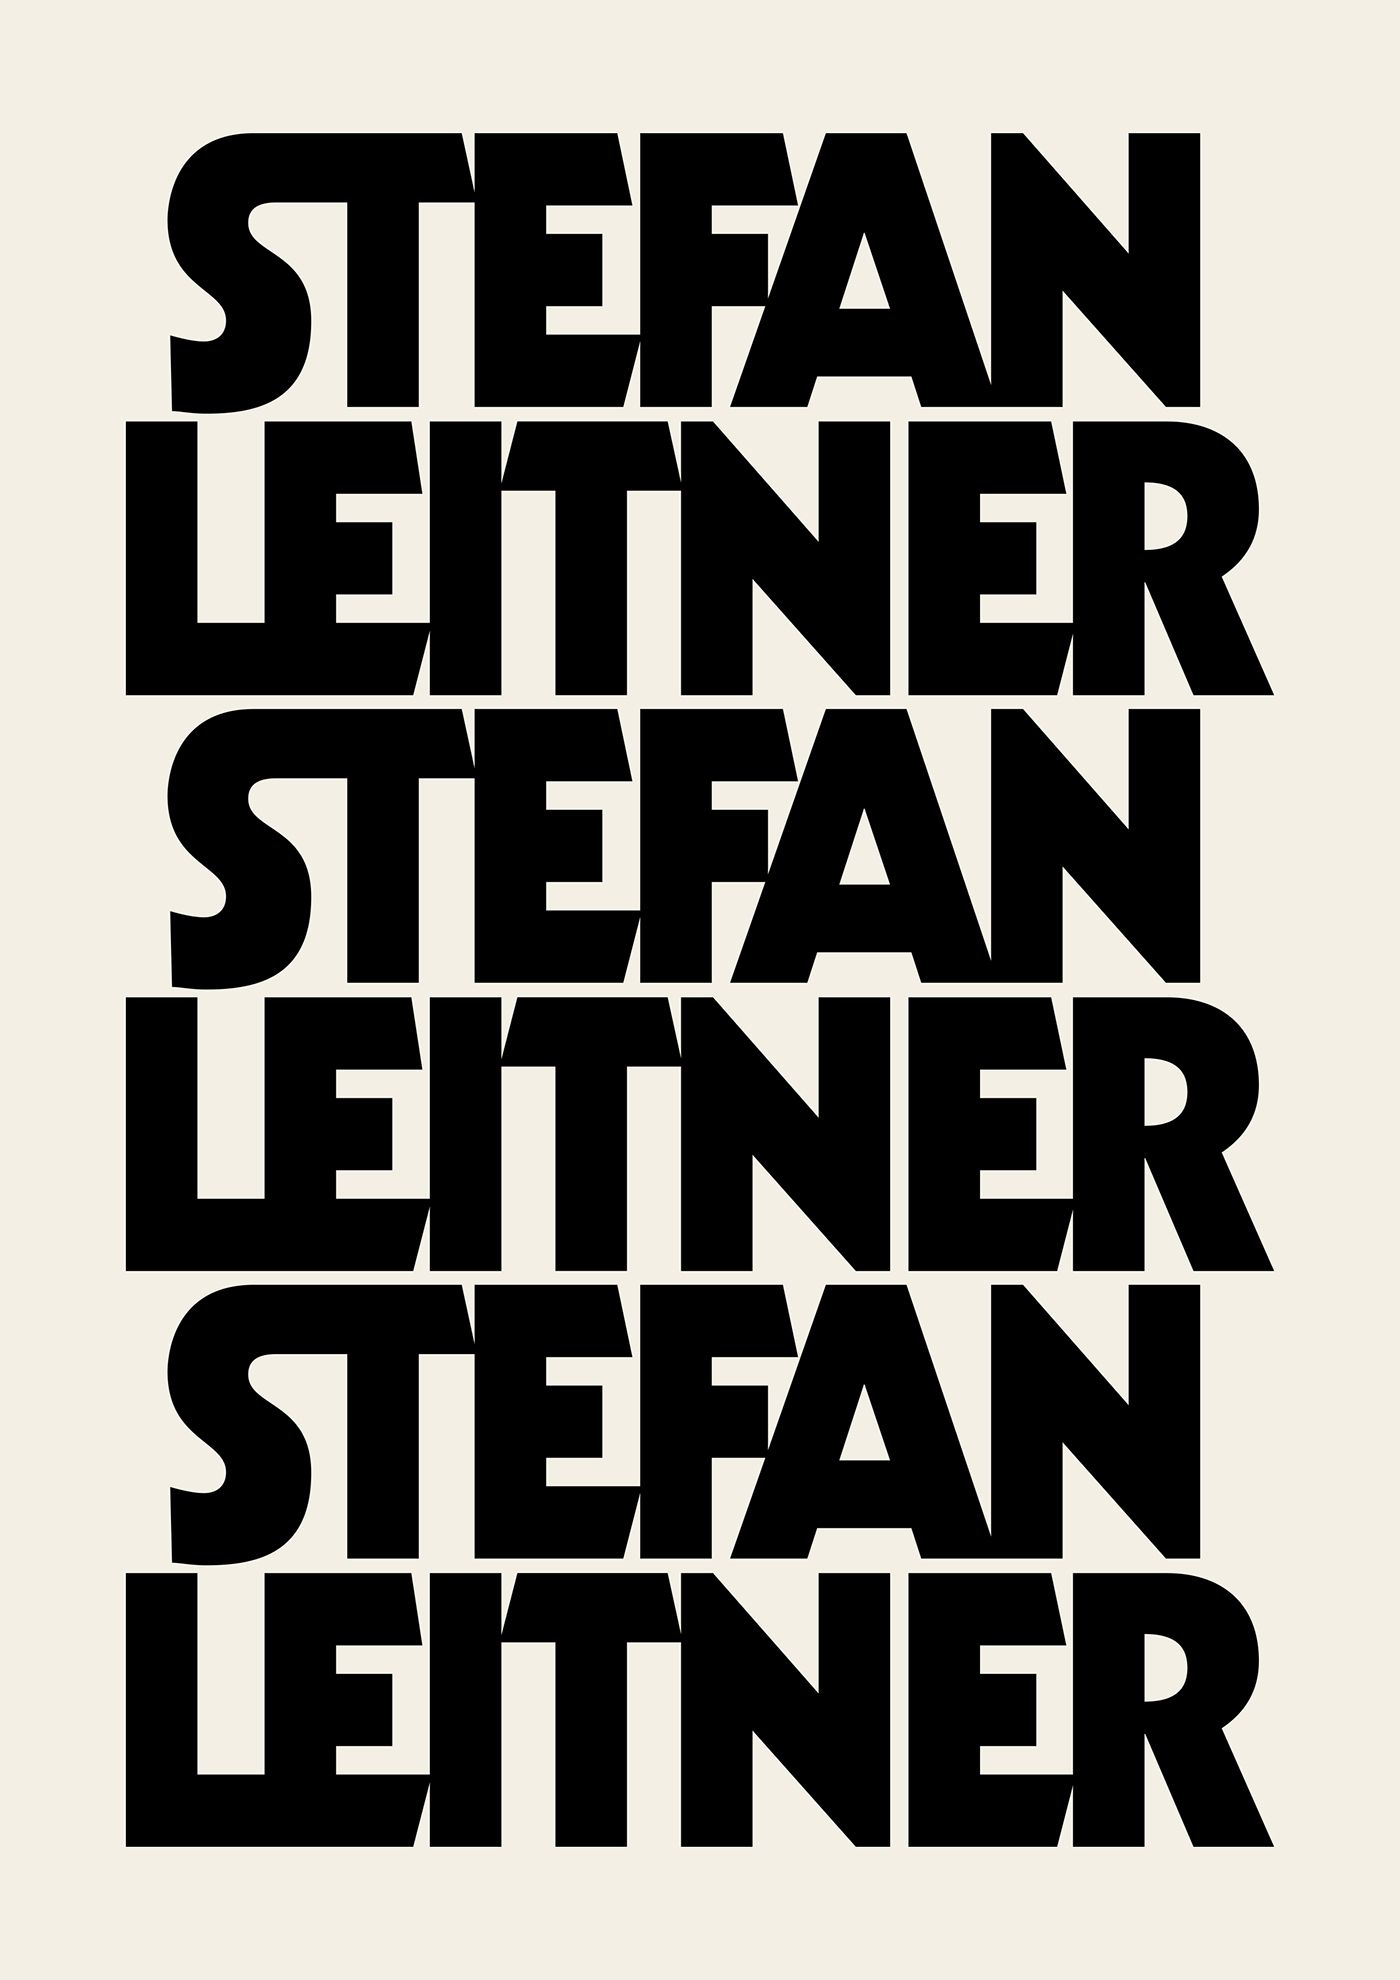 Stefan Leitner on Behance